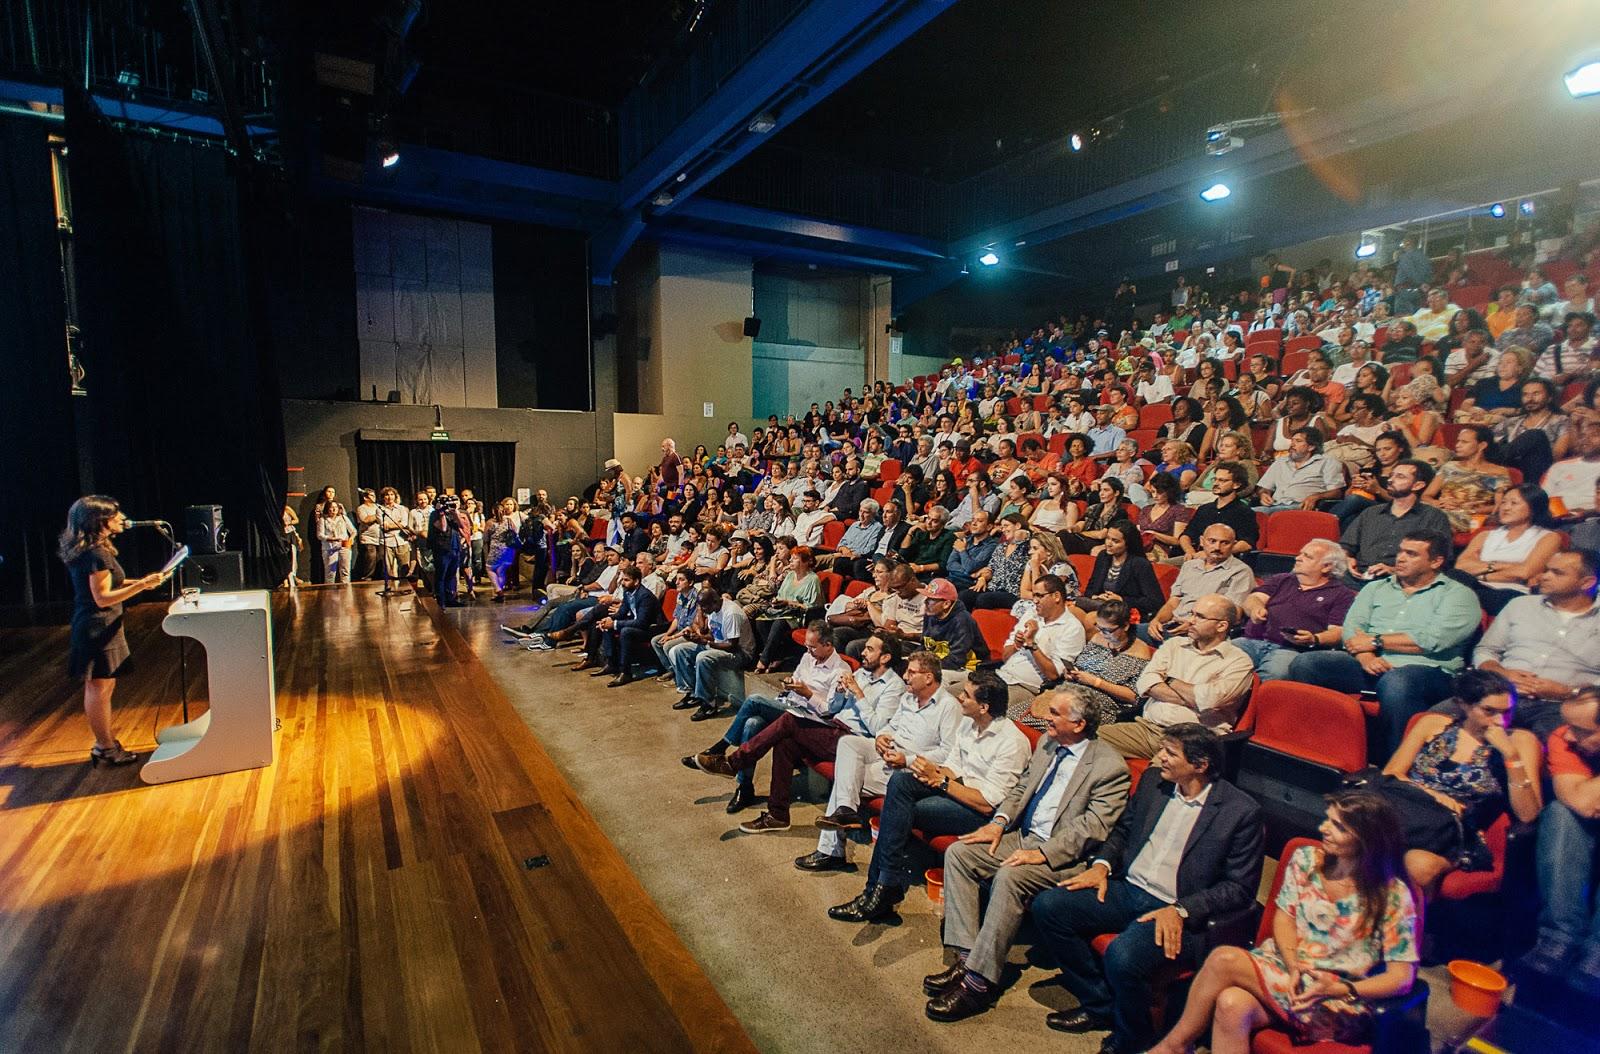 Circuito Sp Cine : Salas de cinema de sÃo paulo: inauguradas as primeiras salas do